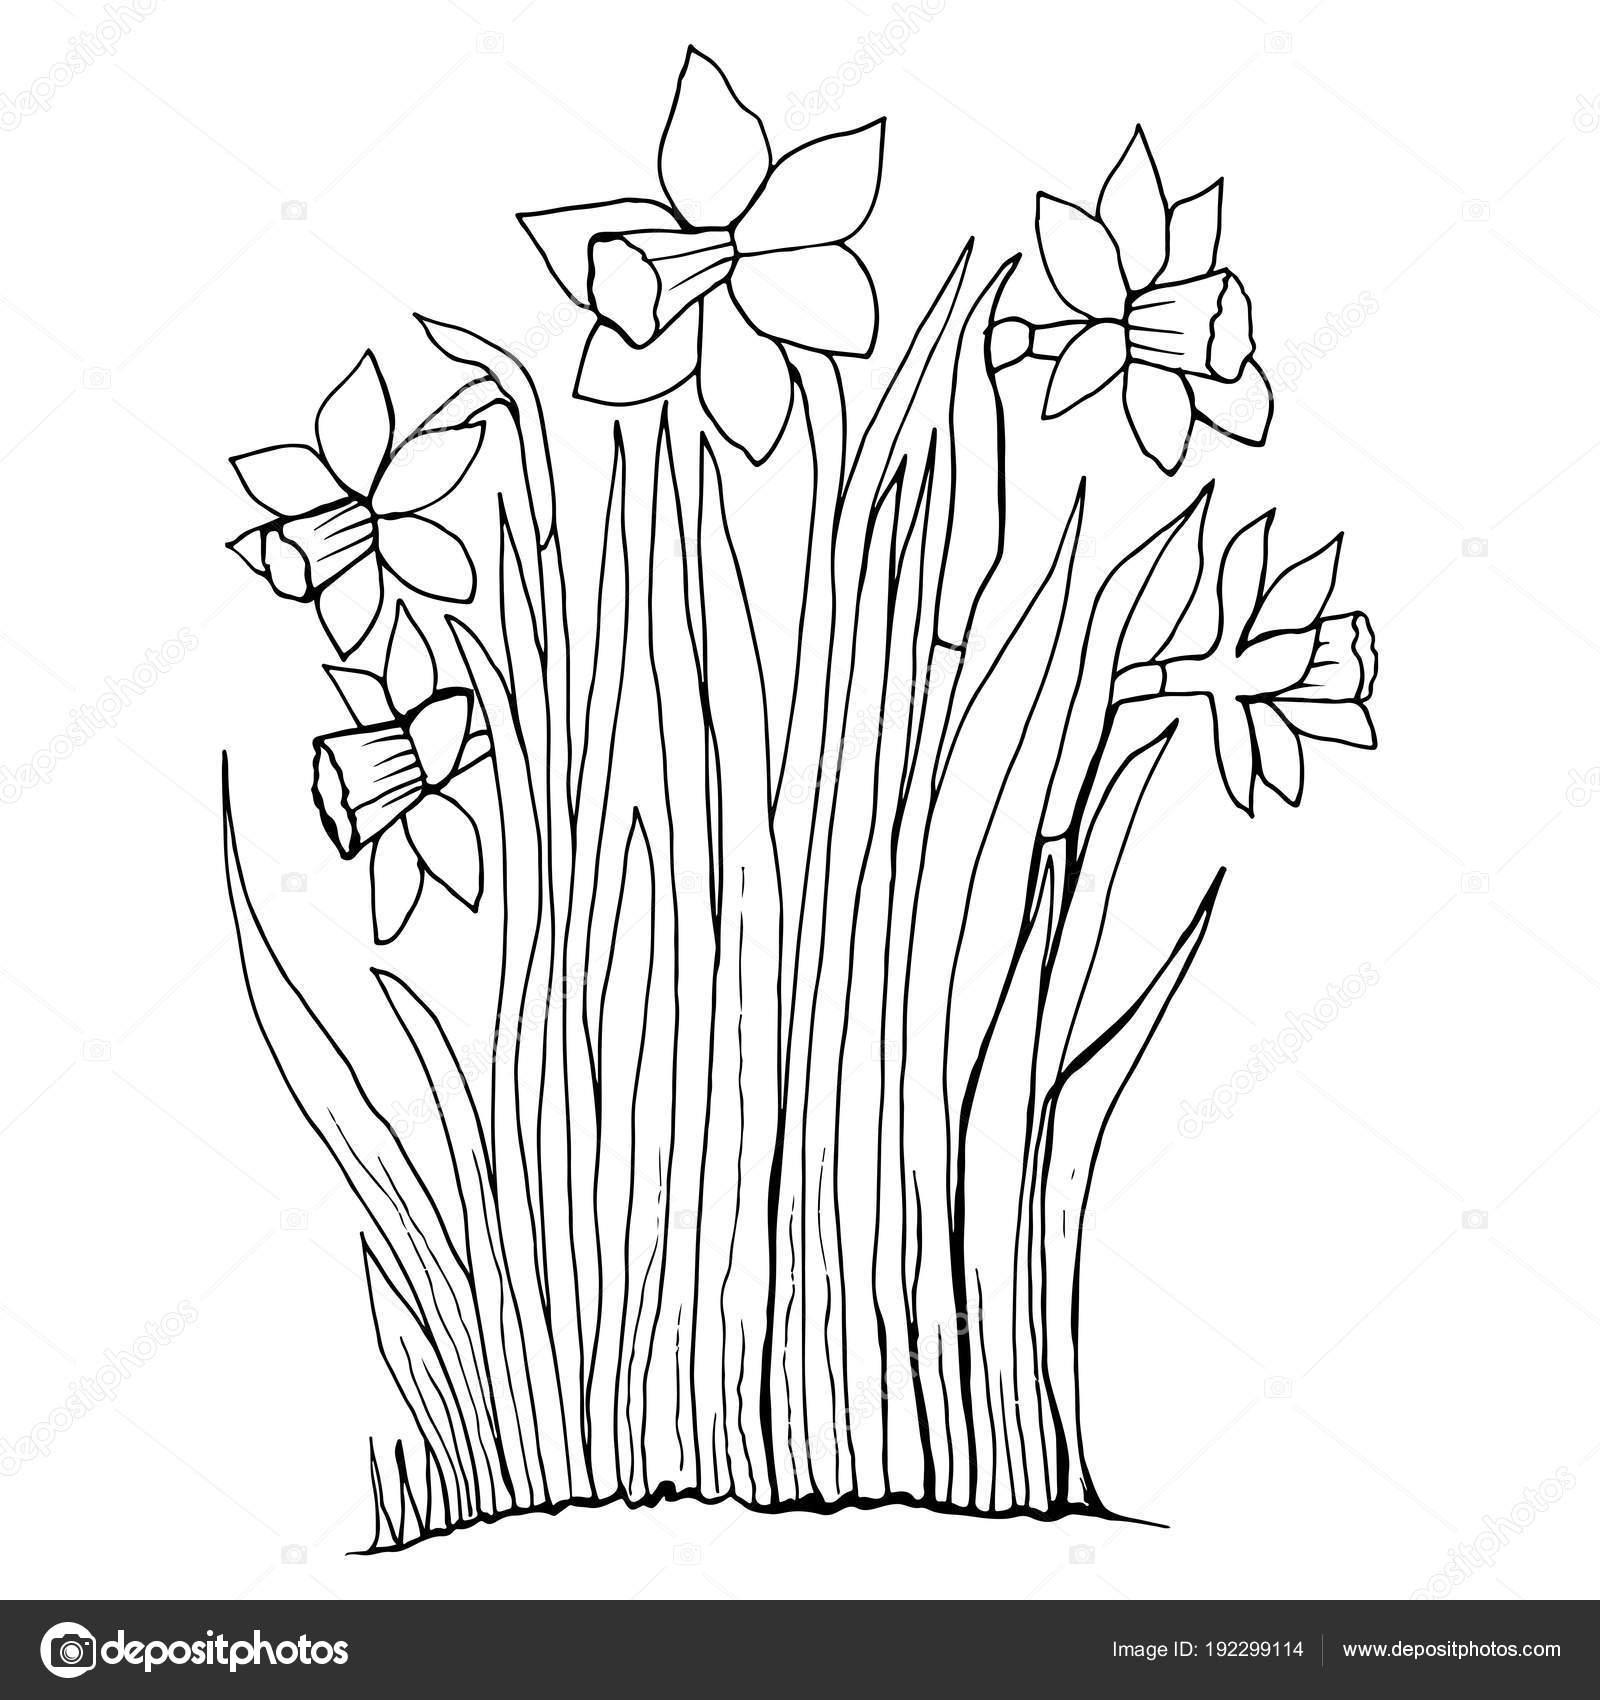 Disegni Da Colorare Fiori Raccolta Pagina Del Narciso